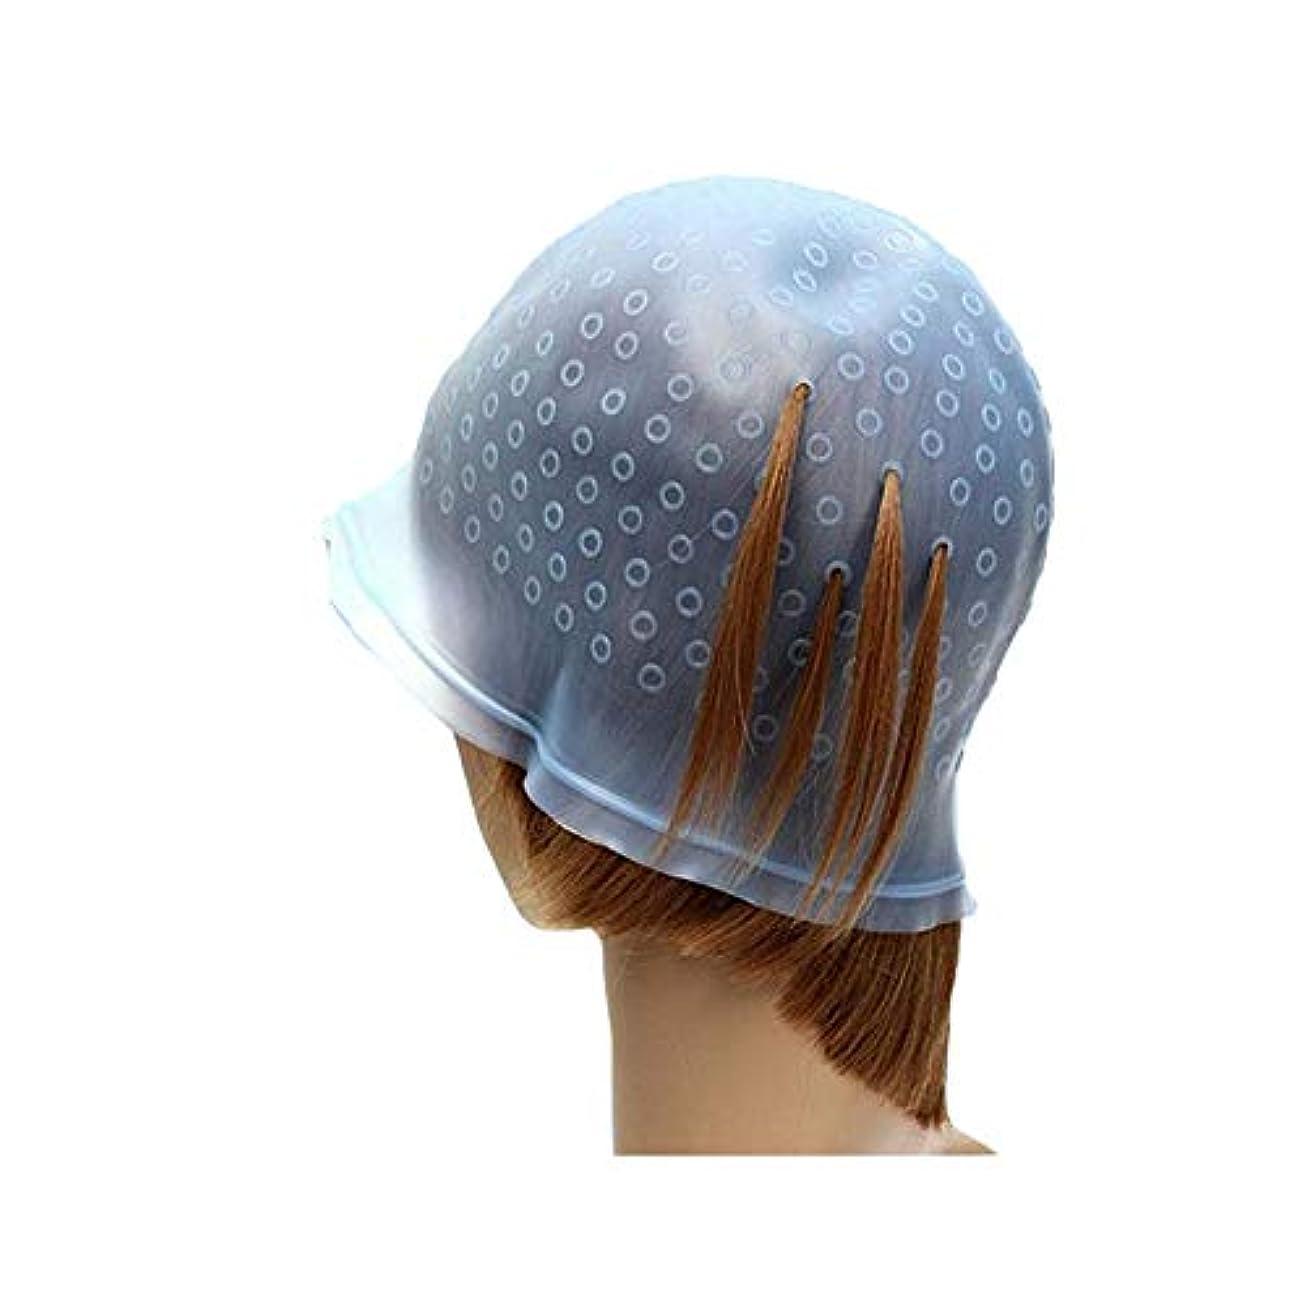 ハイジャック悲しみ透けるカラーリング メッシュ用 シリコンキャップ セルフカラー 髪の毛 穴あけ用のかぎ針付き 髪 レディース メンズ